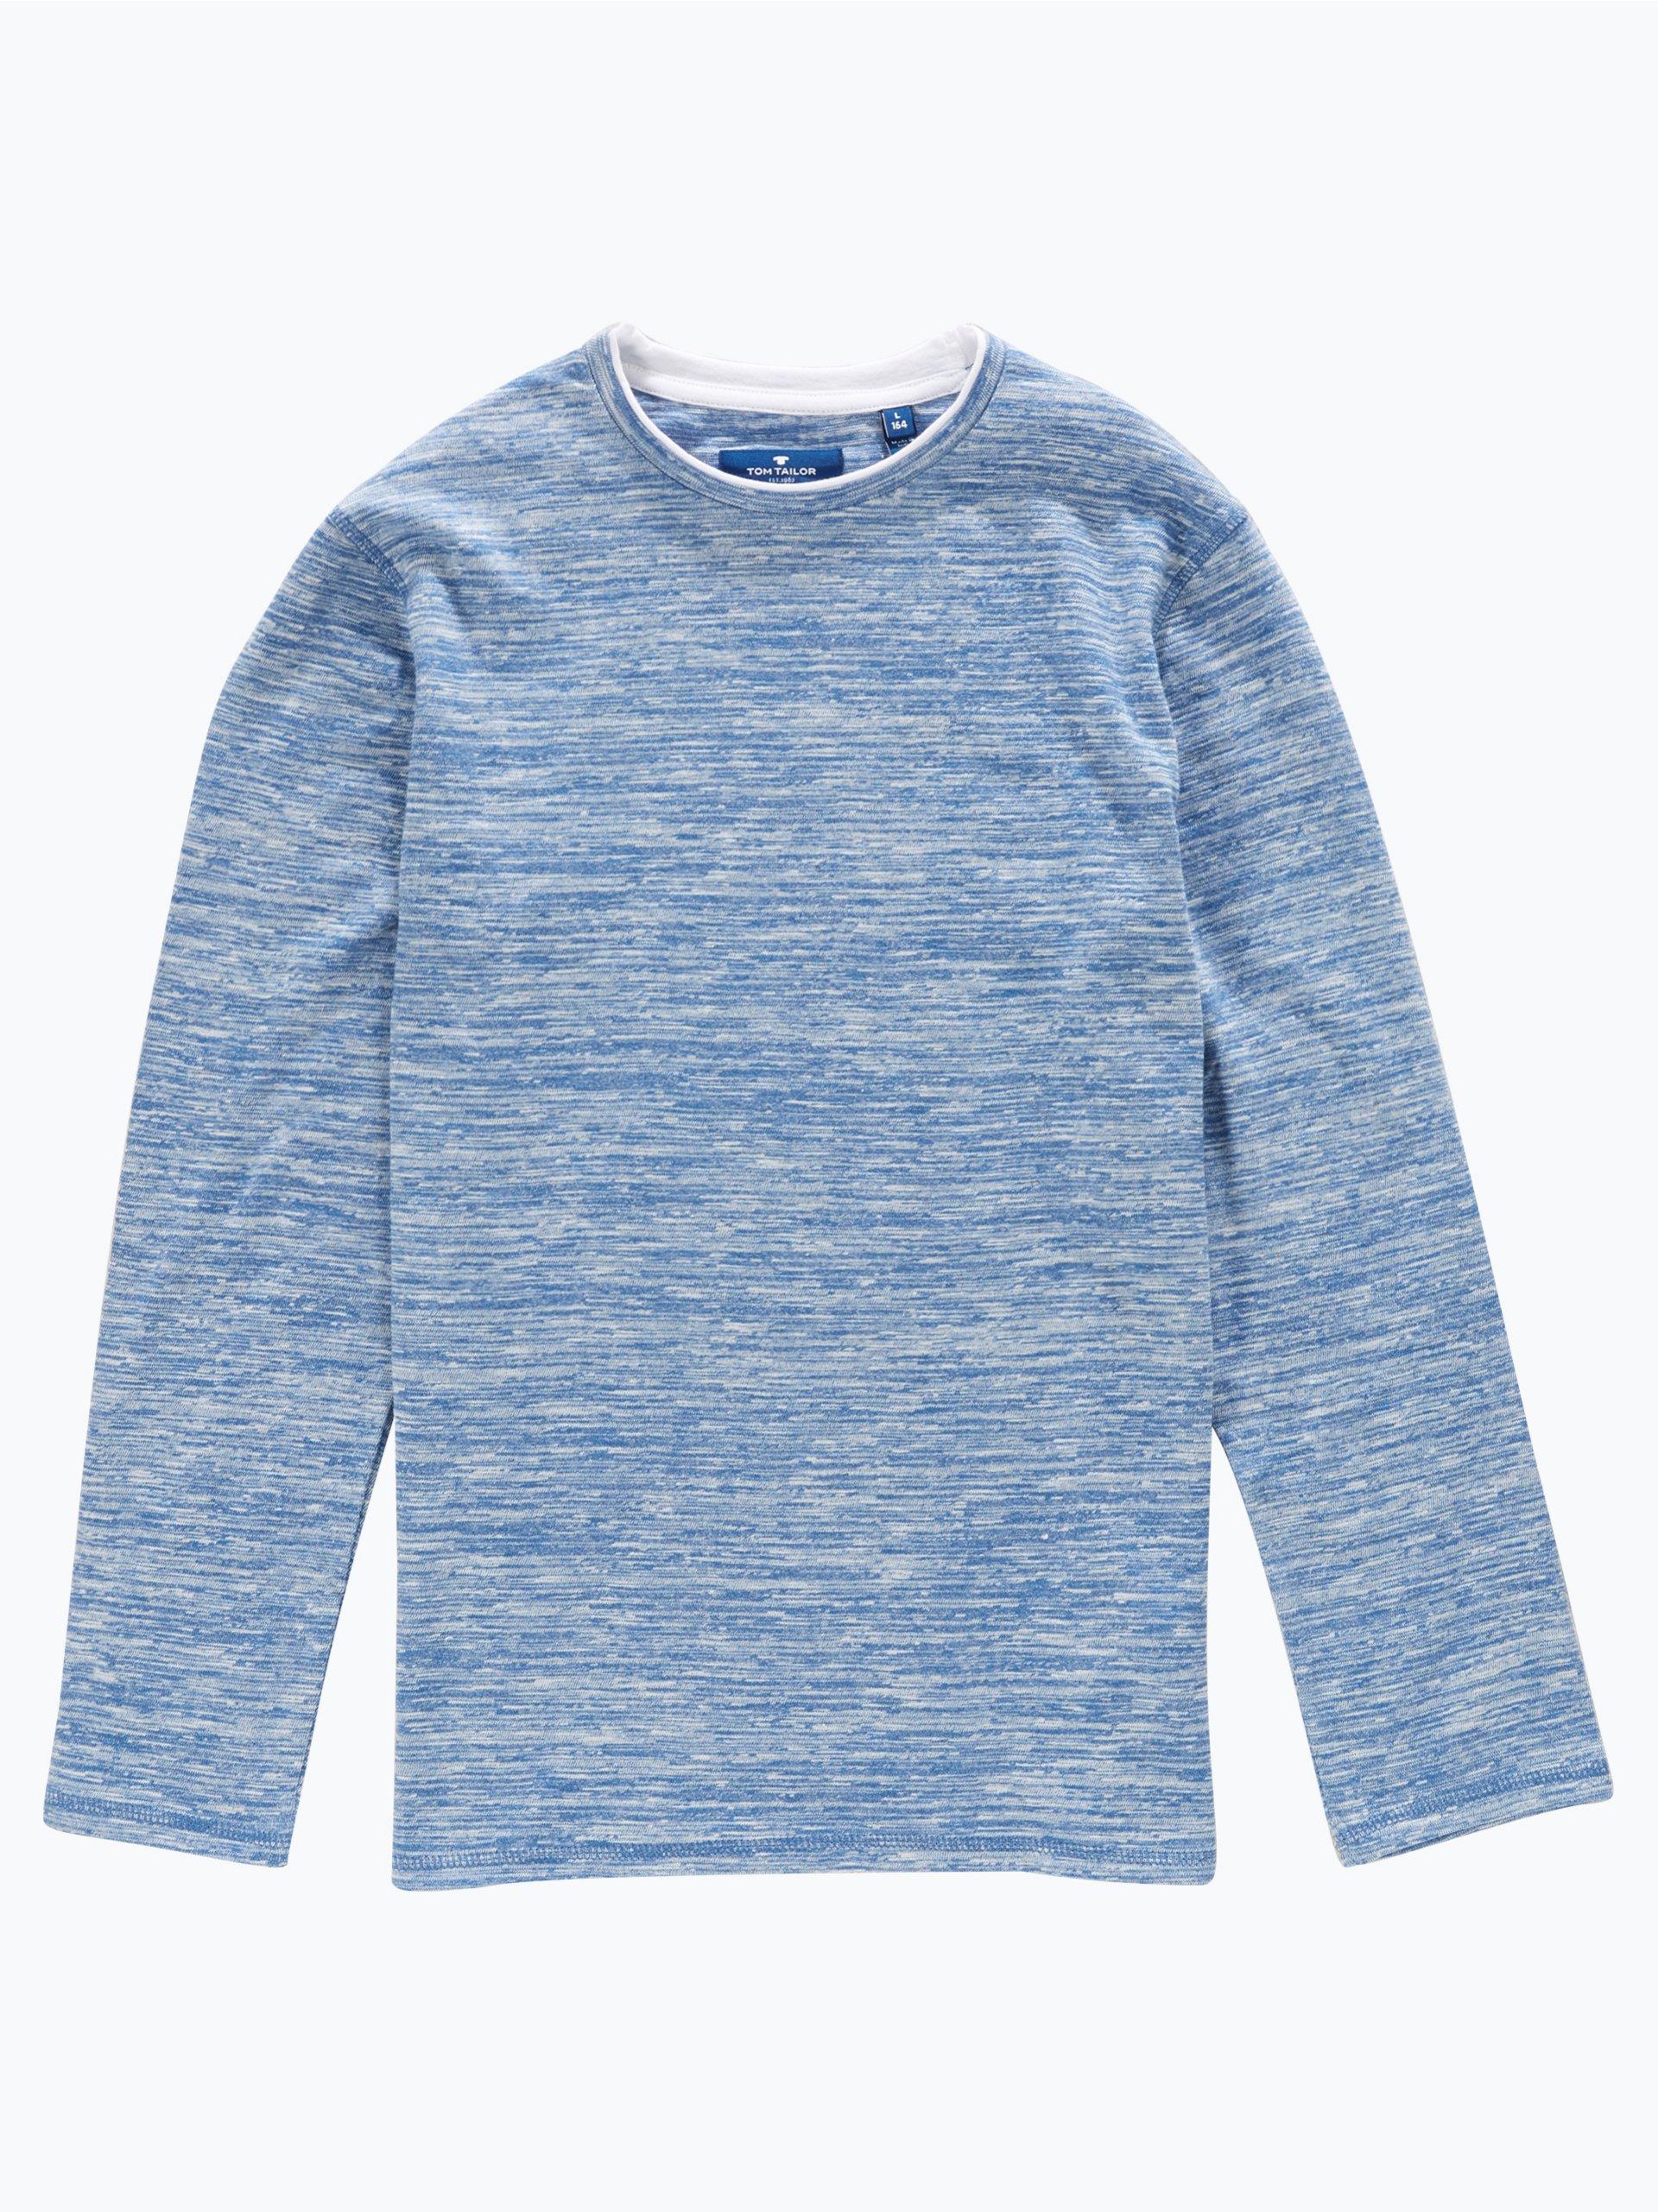 tom tailor jungen pullover blau uni online kaufen. Black Bedroom Furniture Sets. Home Design Ideas